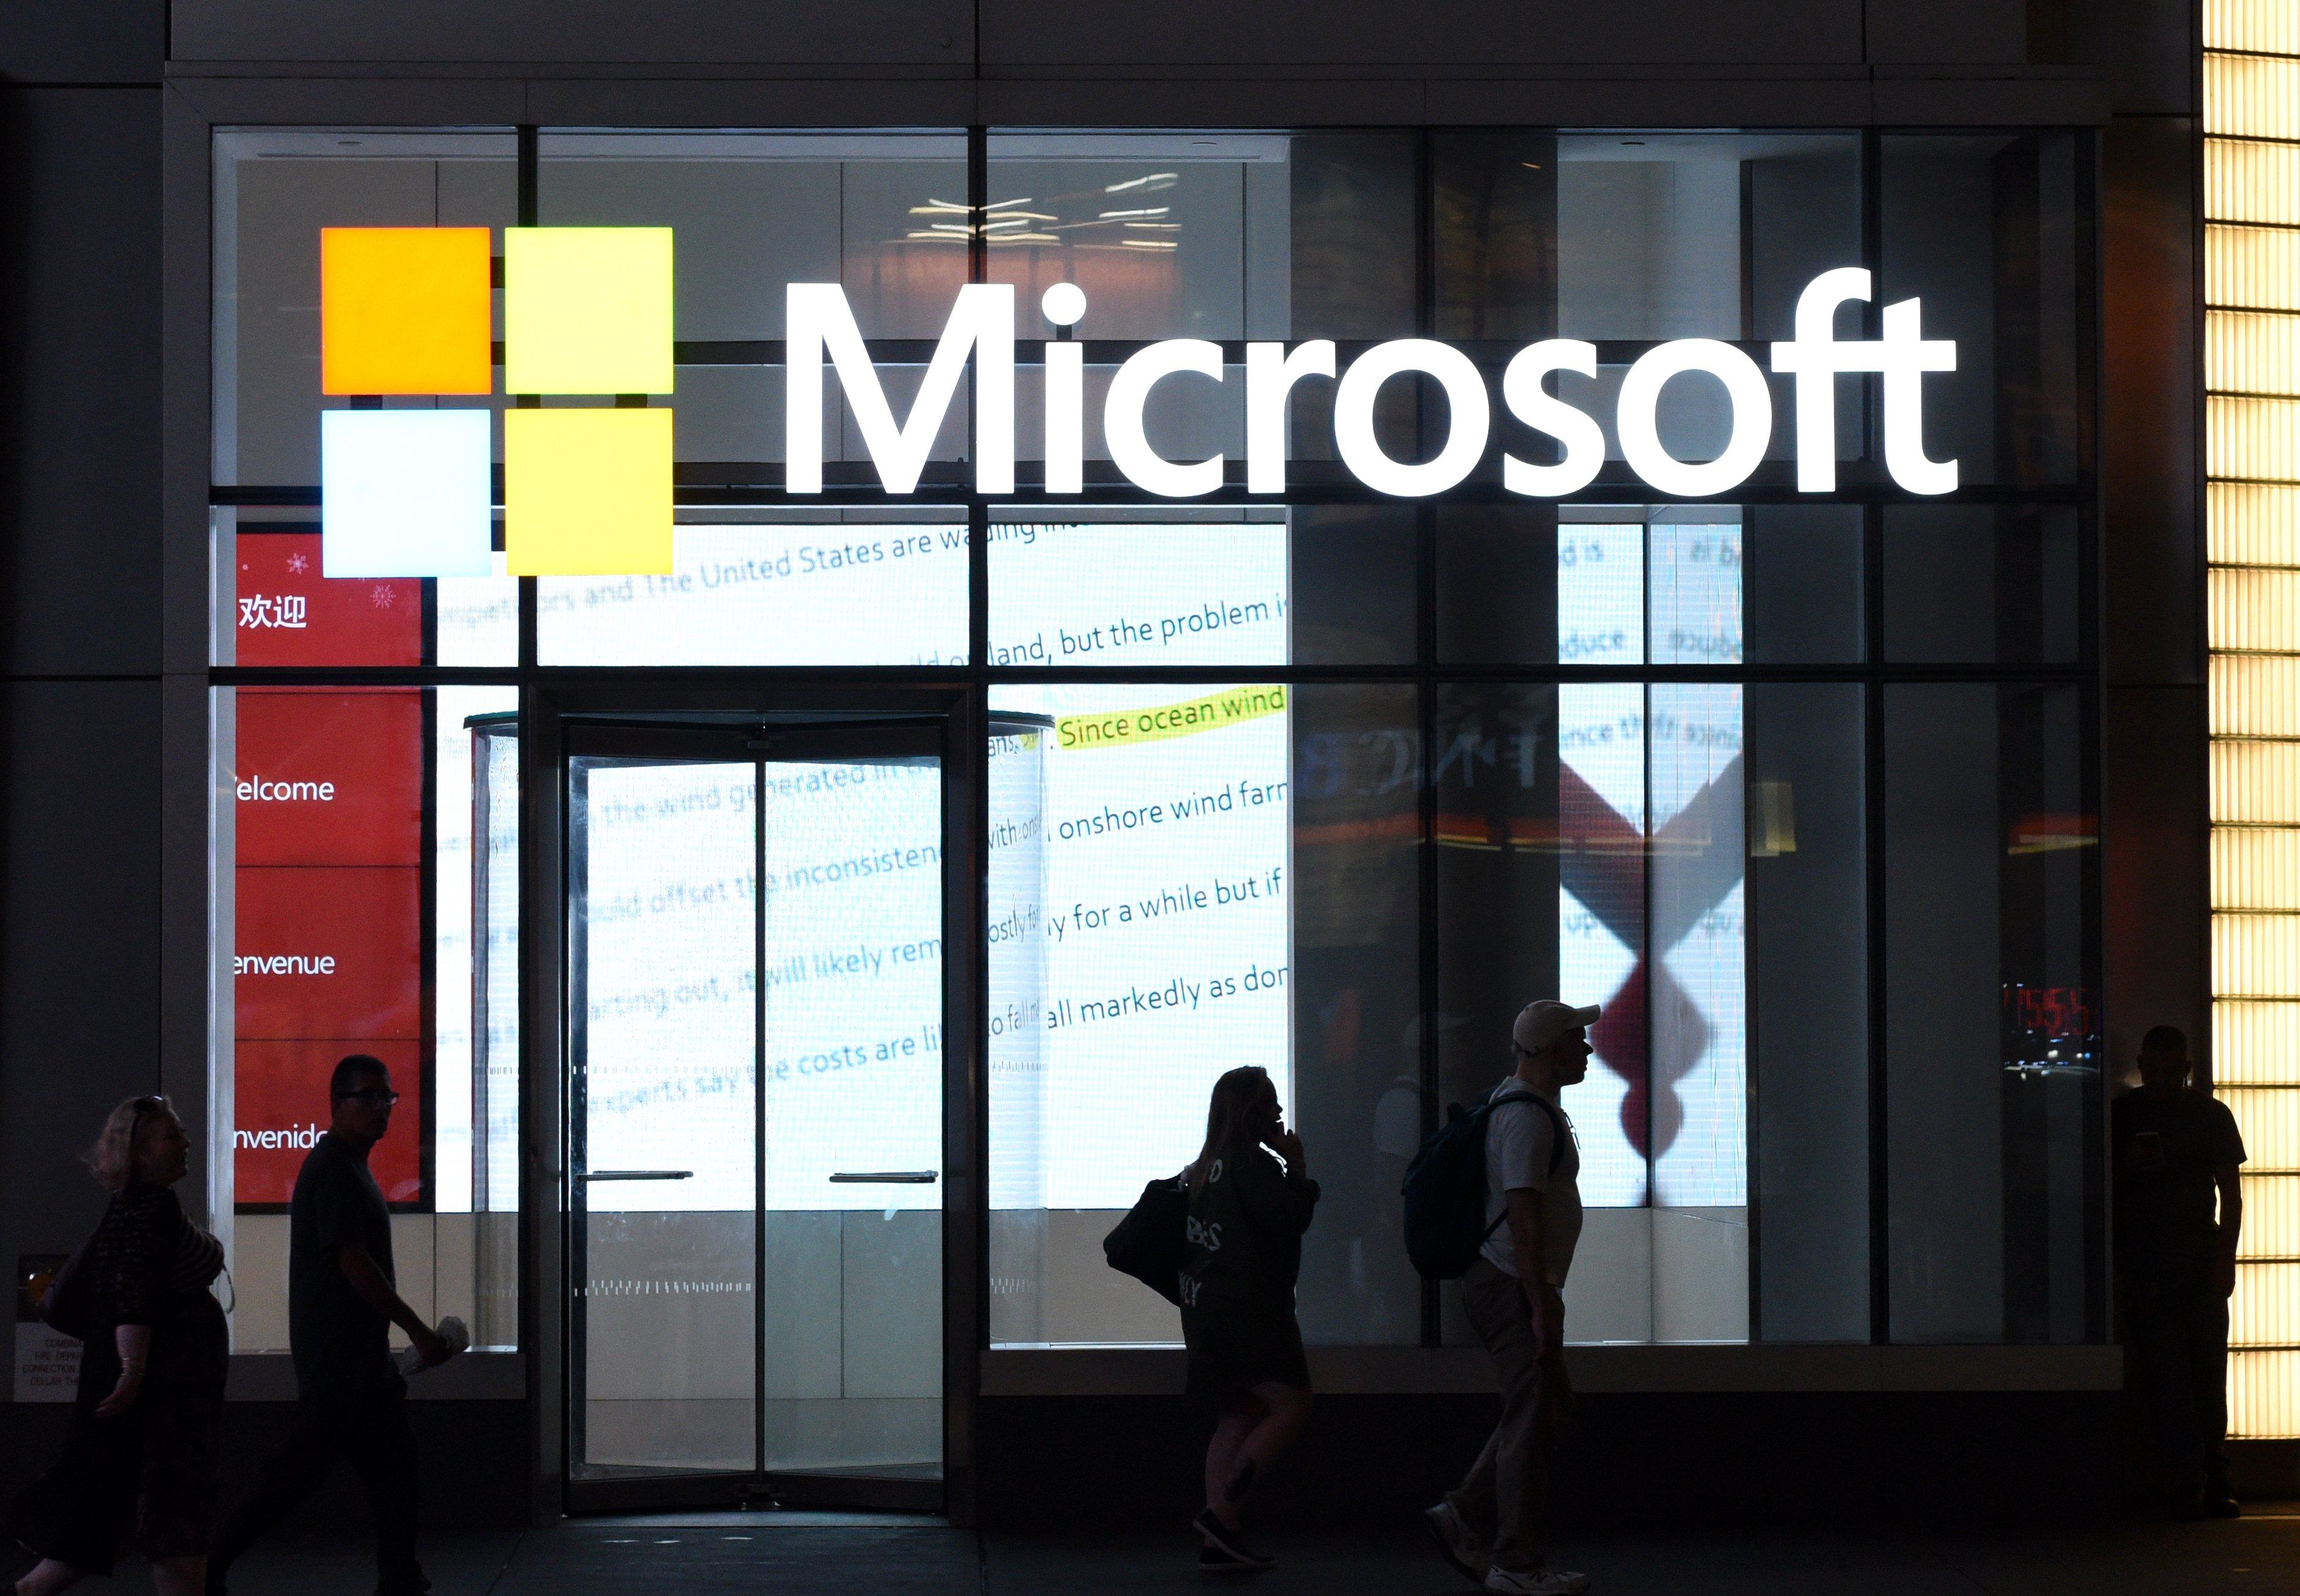 Microsoft Operation Exchange Marauder Advisory